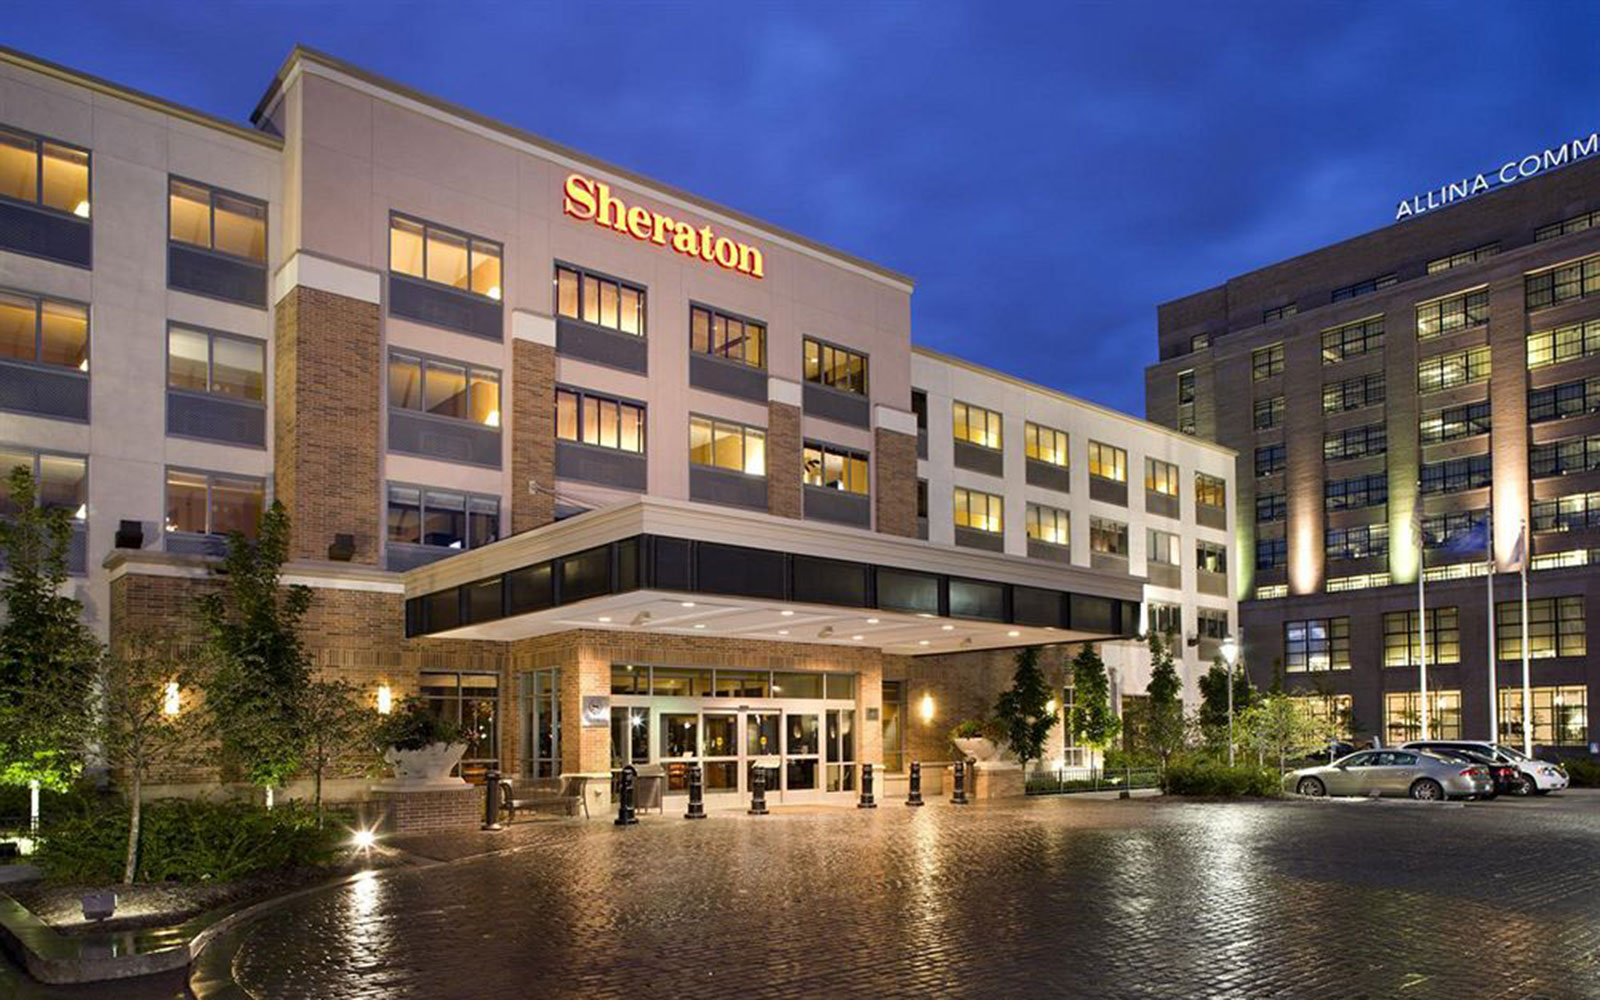 Sheraton Midtown Minneapolis